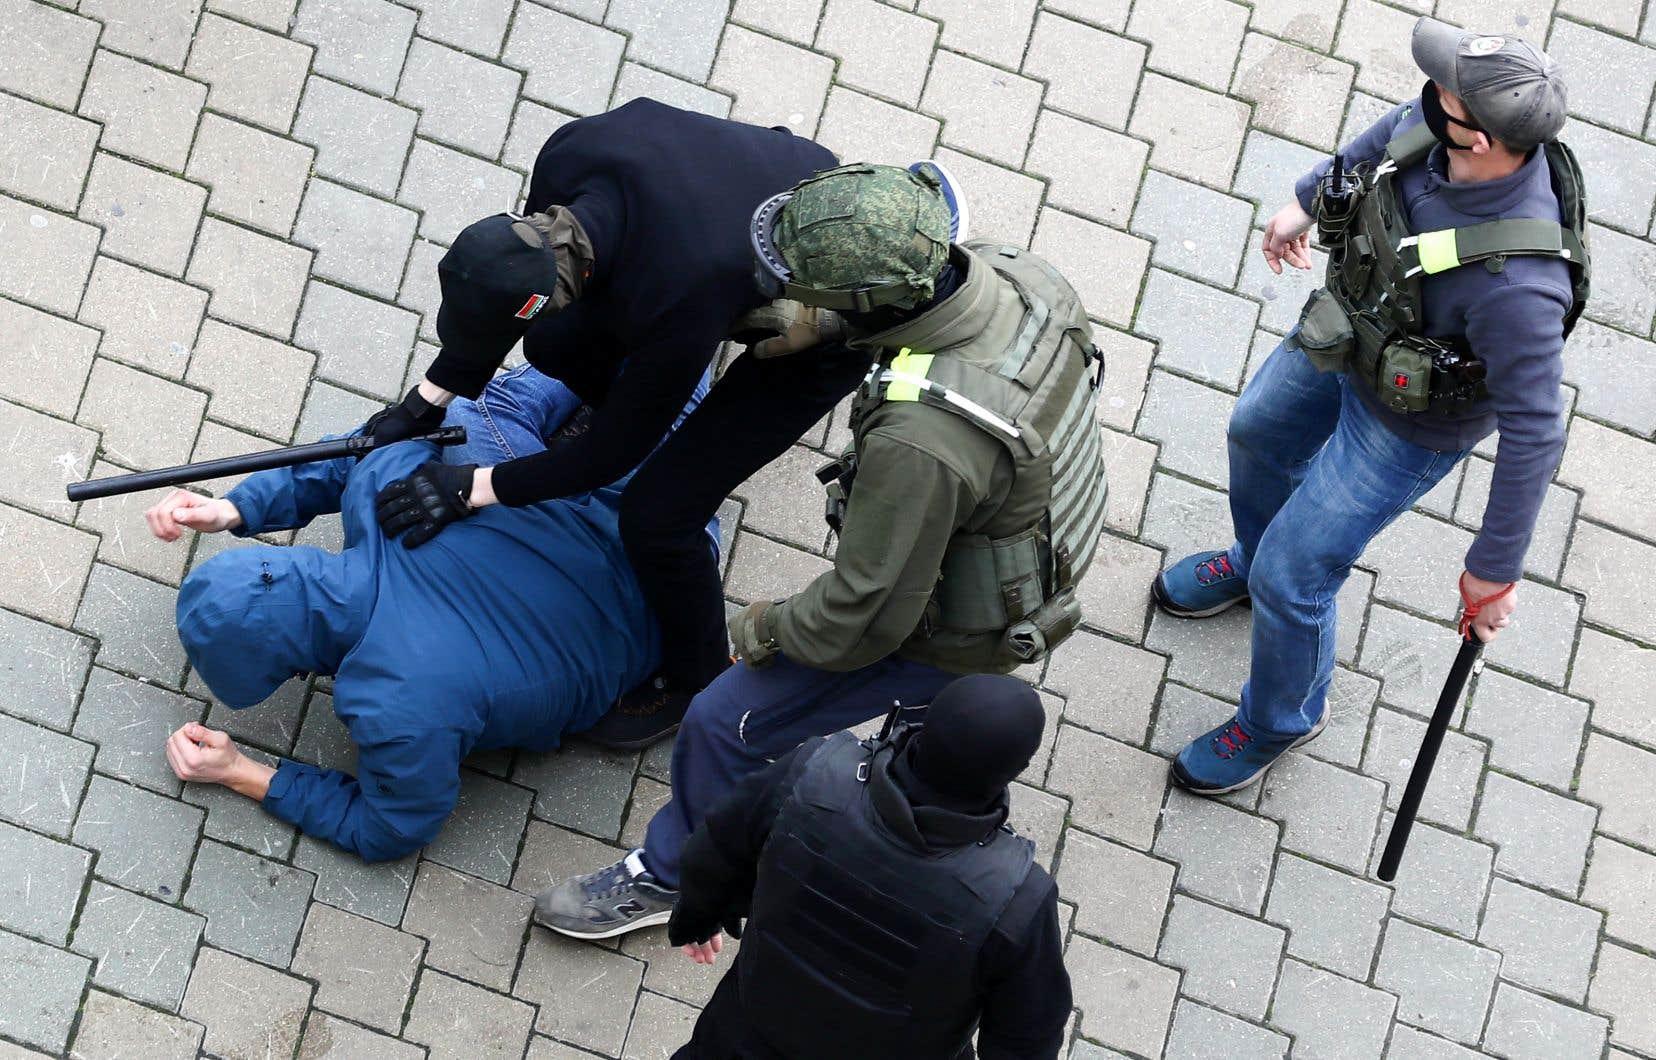 Selon l'organisation de défense des droits de la personne Viasna, plus de 230 manifestants ont été arrêtés en divers lieux de la capitale.